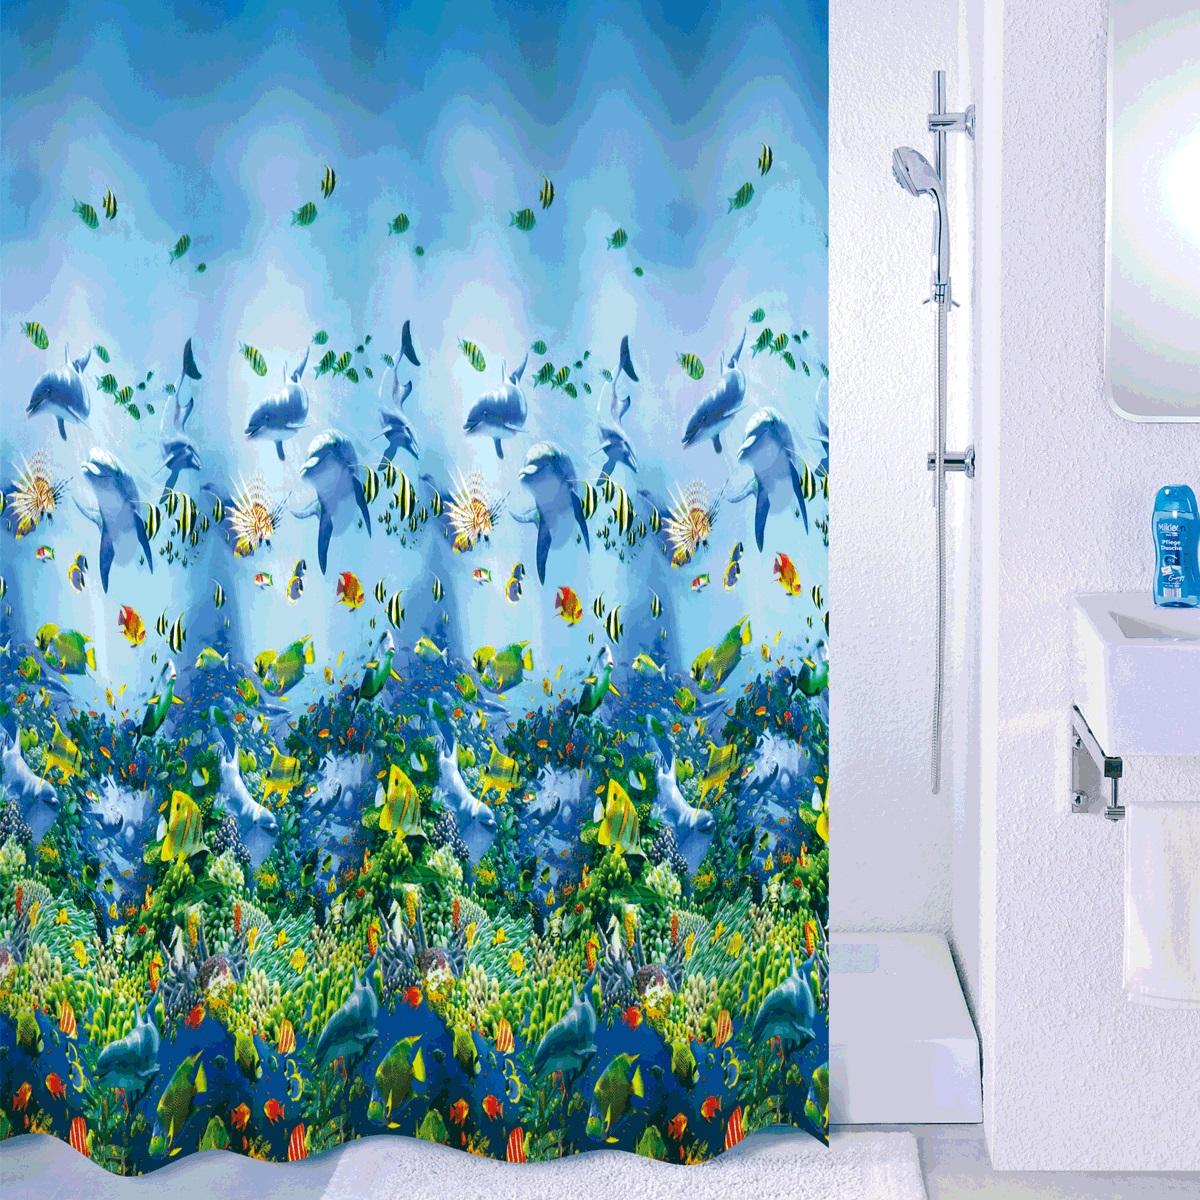 Штора для ванной Milardo Sea life, цвет: голубой, 180 x 180 см526V180M11Материал: PEVA, толщина 0,09 мм, белая подложка, упаковка ПВХ пакет, 12 металлических люверсов, кольца в комплекте (12 шт.)